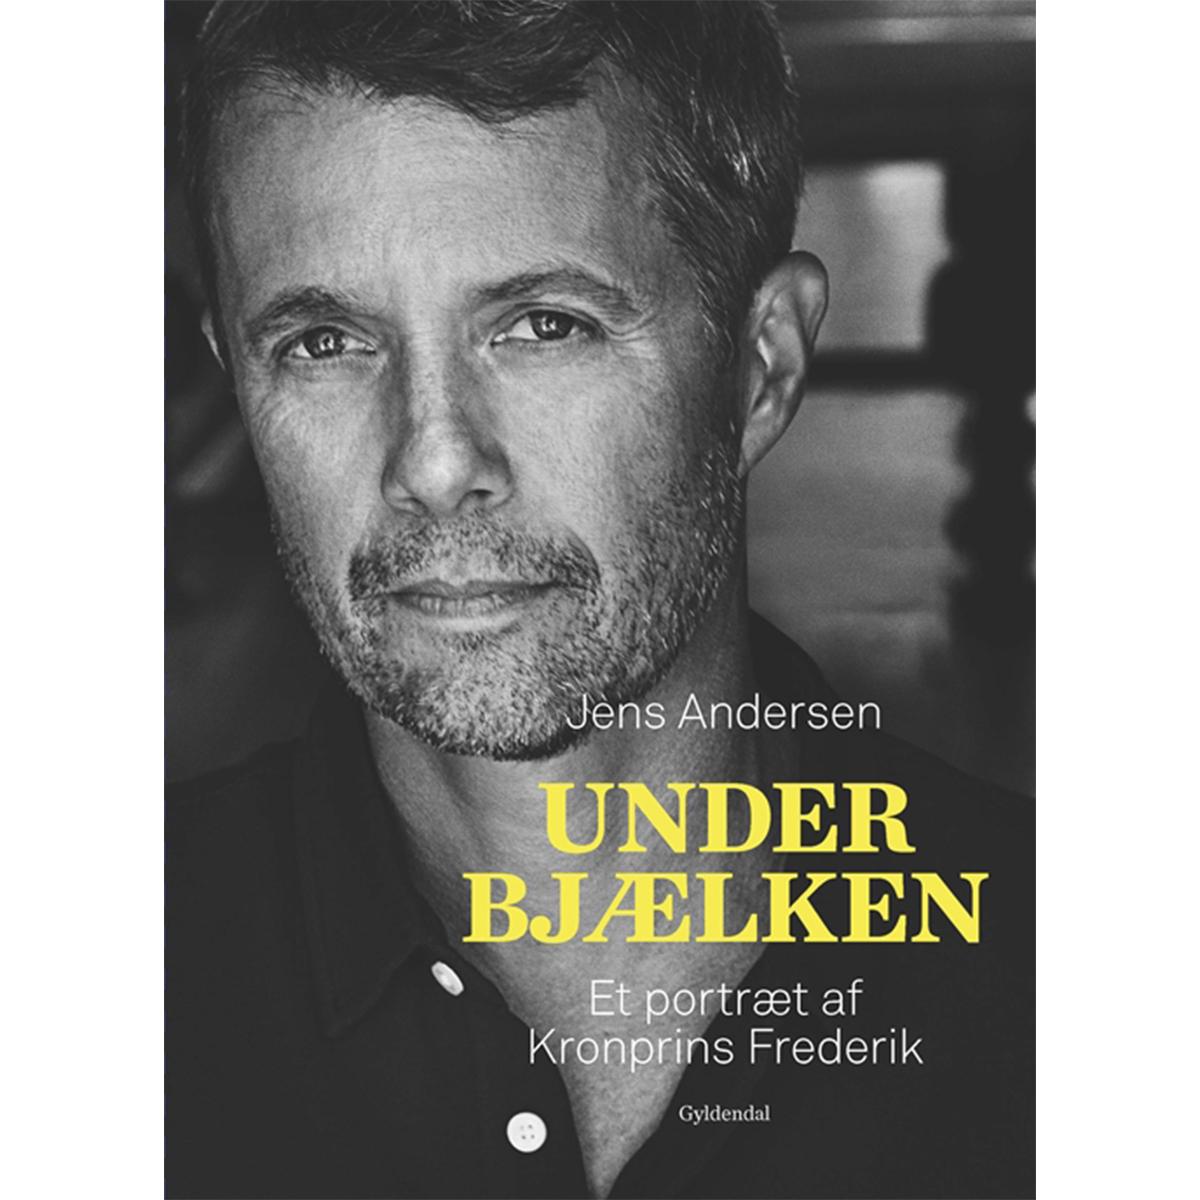 Under bjælken - et portræt af Kronprins Frederik - Indbundet